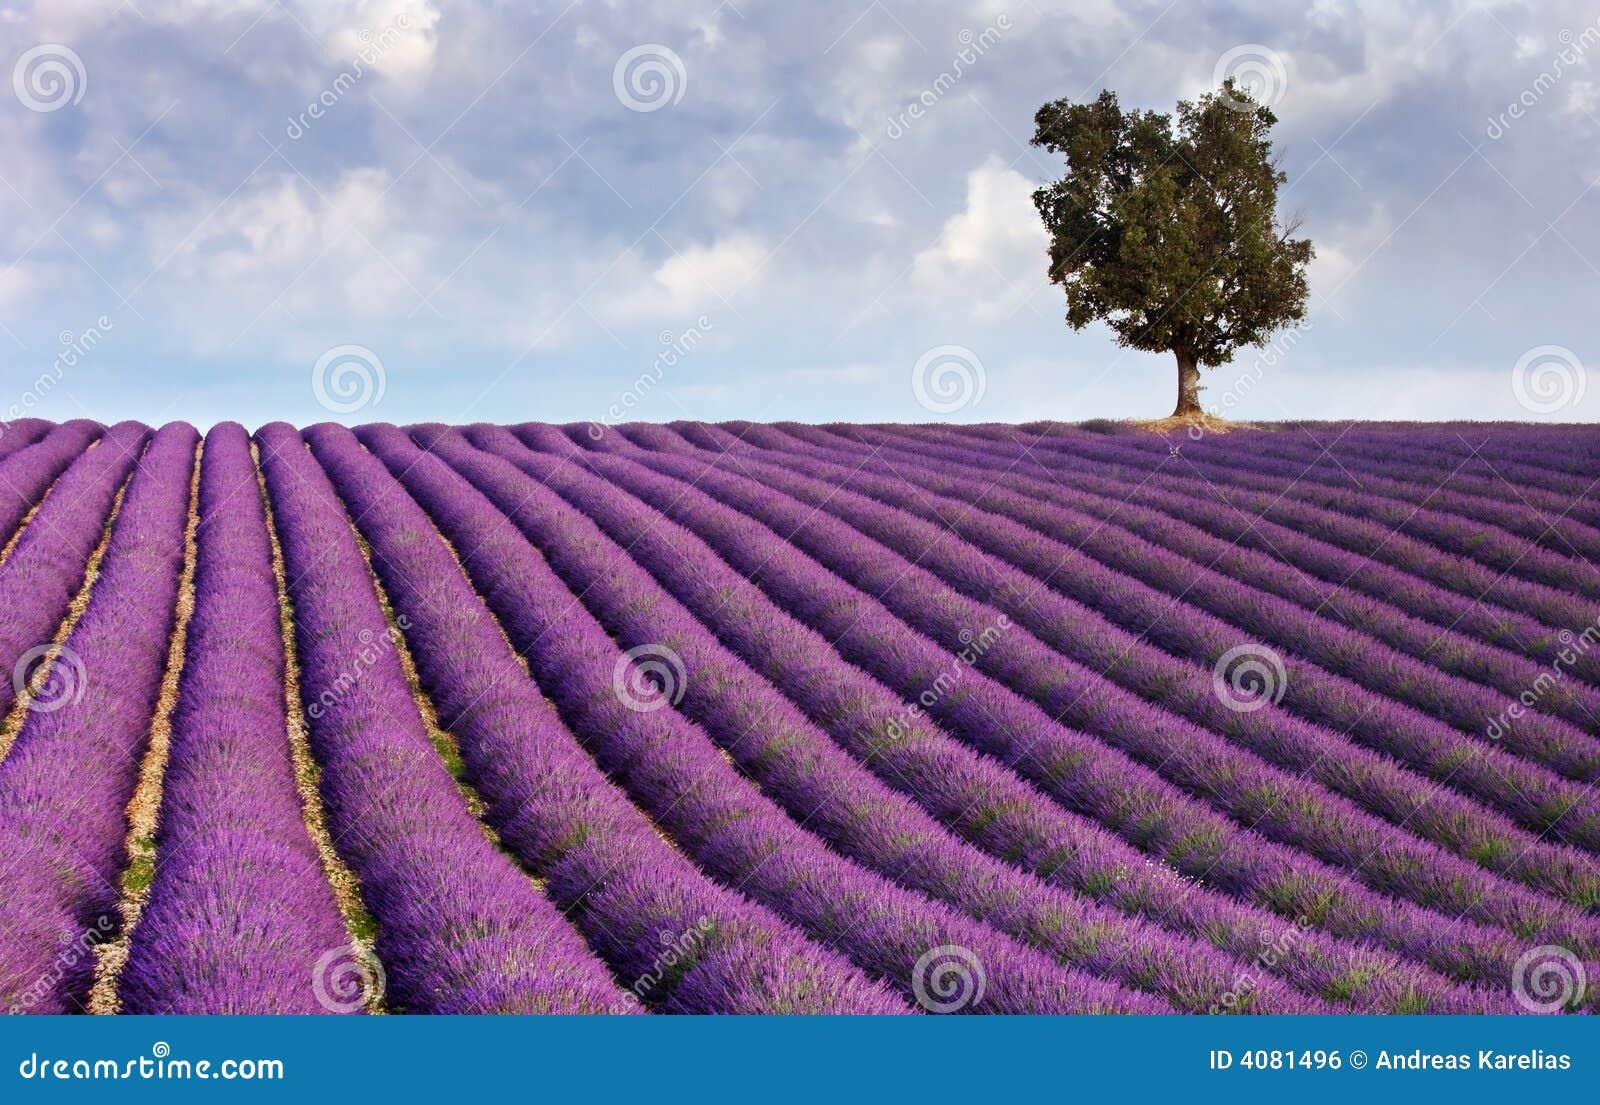 Lavendelfeld und ein einsamer Baum